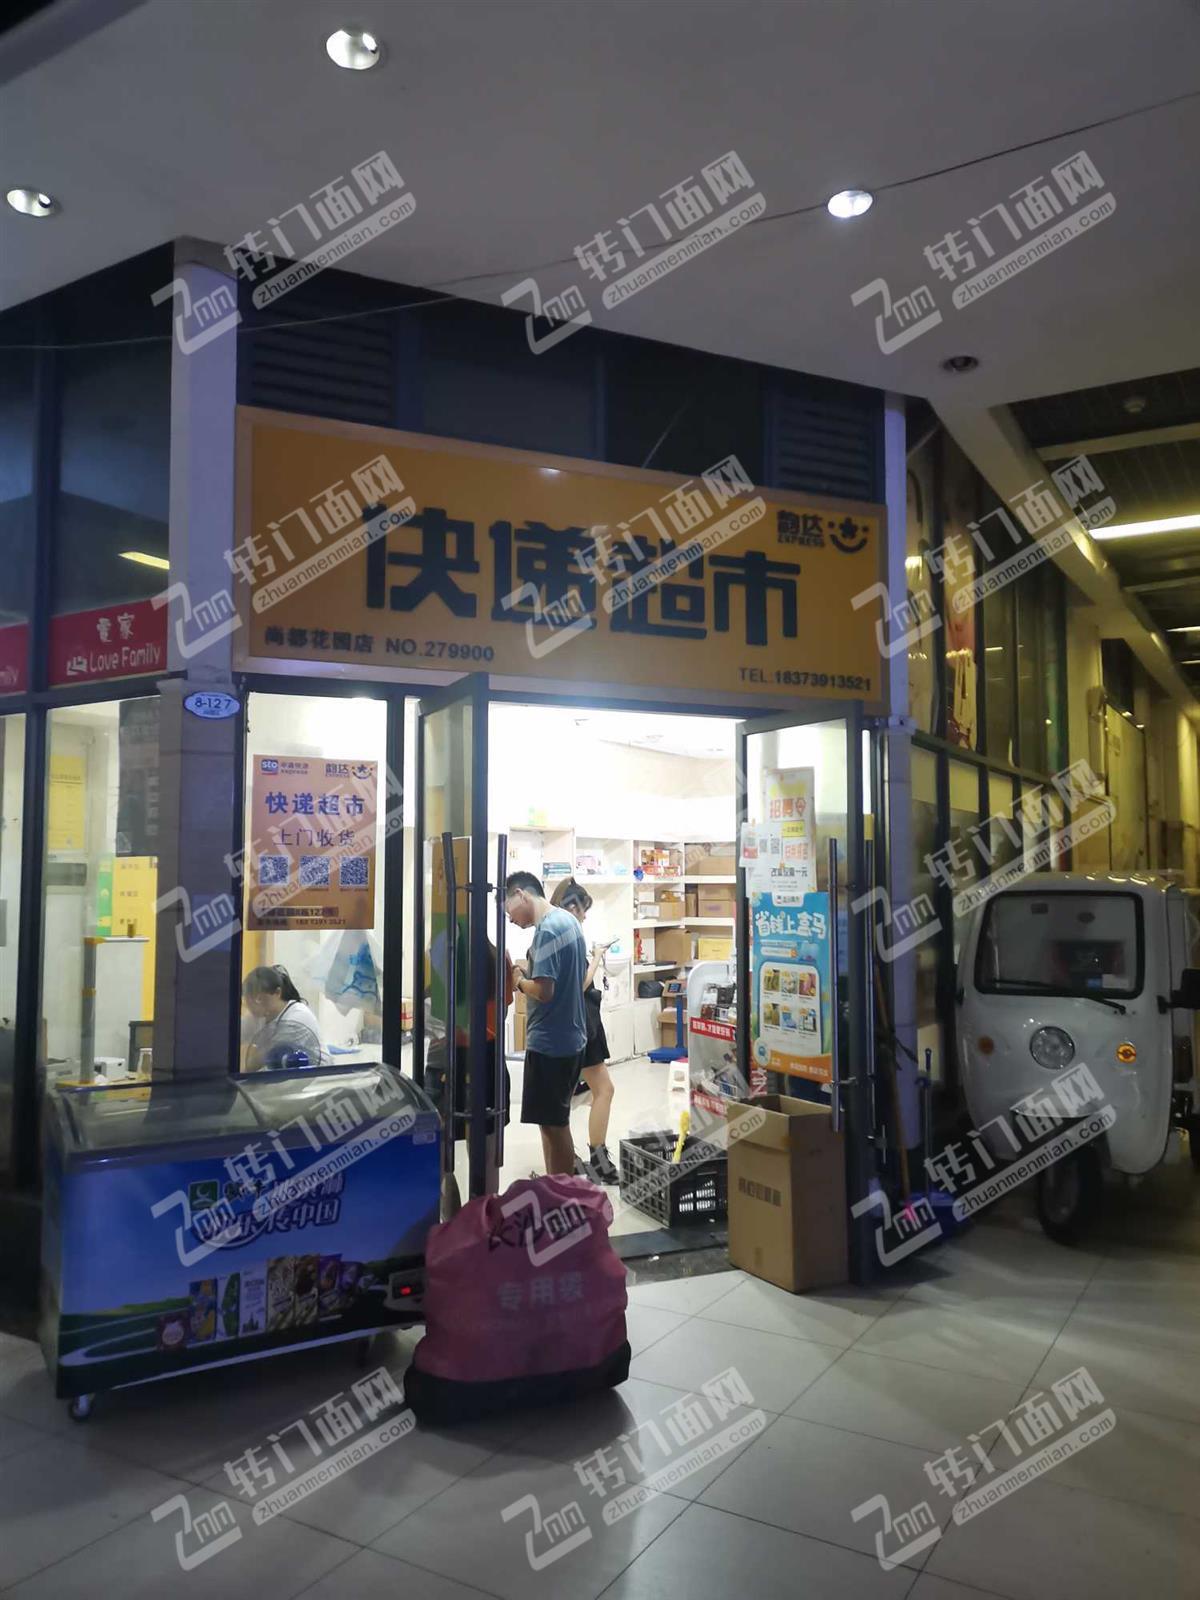 急转星沙成熟商业圈34平米快递超市